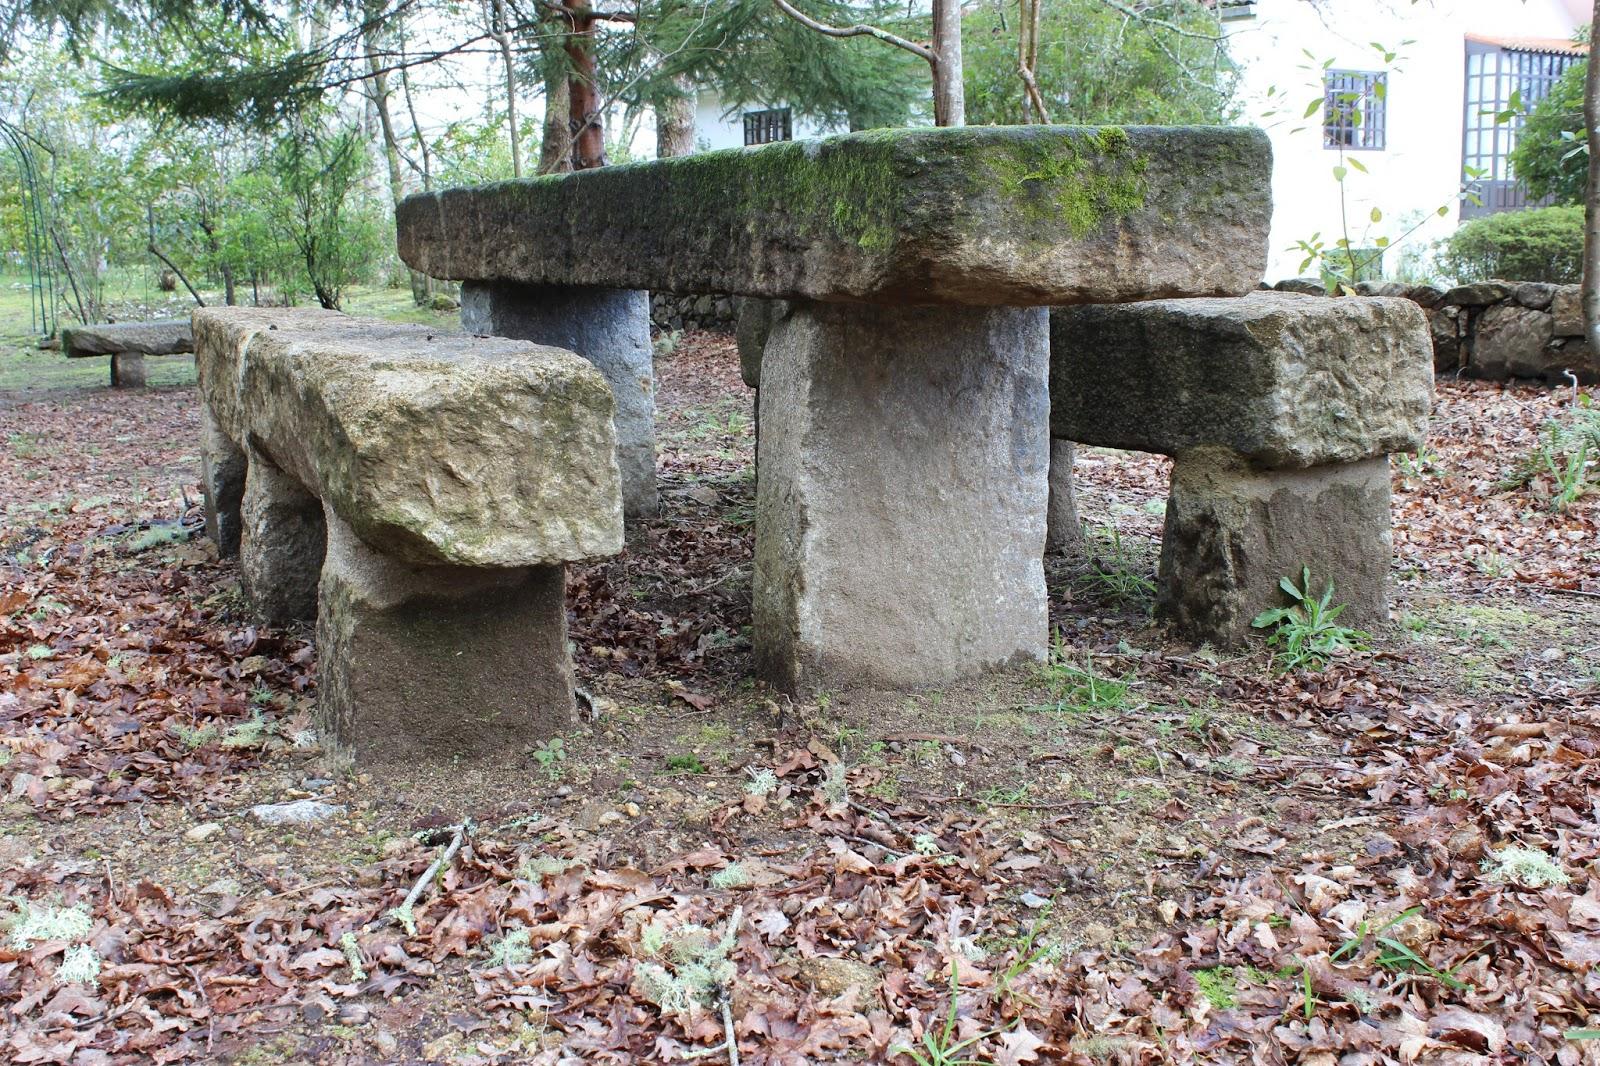 Bancos de jardin de piedra mesa con bancos piedra para - Mesas de piedra para jardin ...